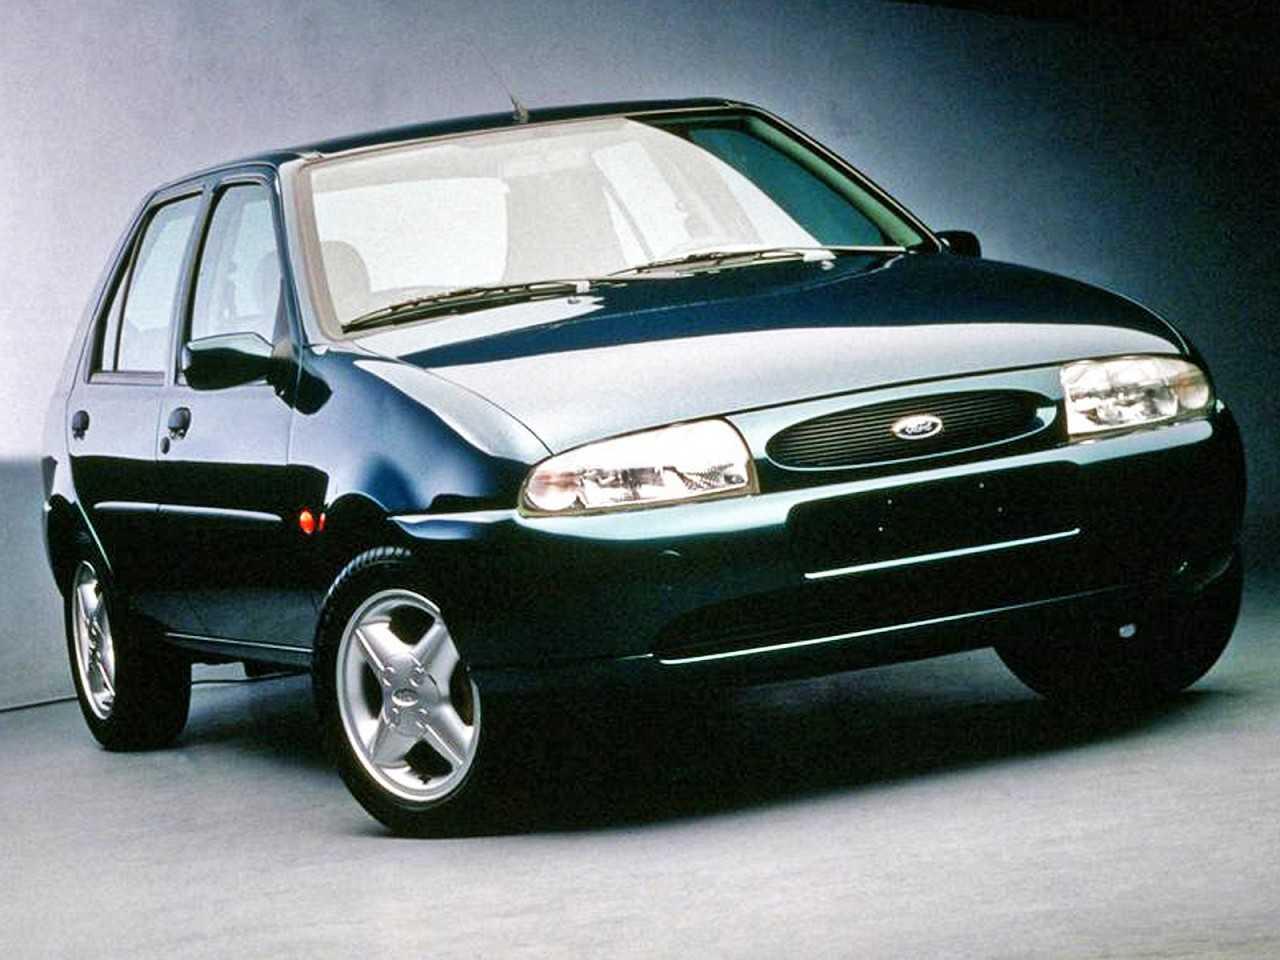 FordFiesta 2000 - ângulo frontal